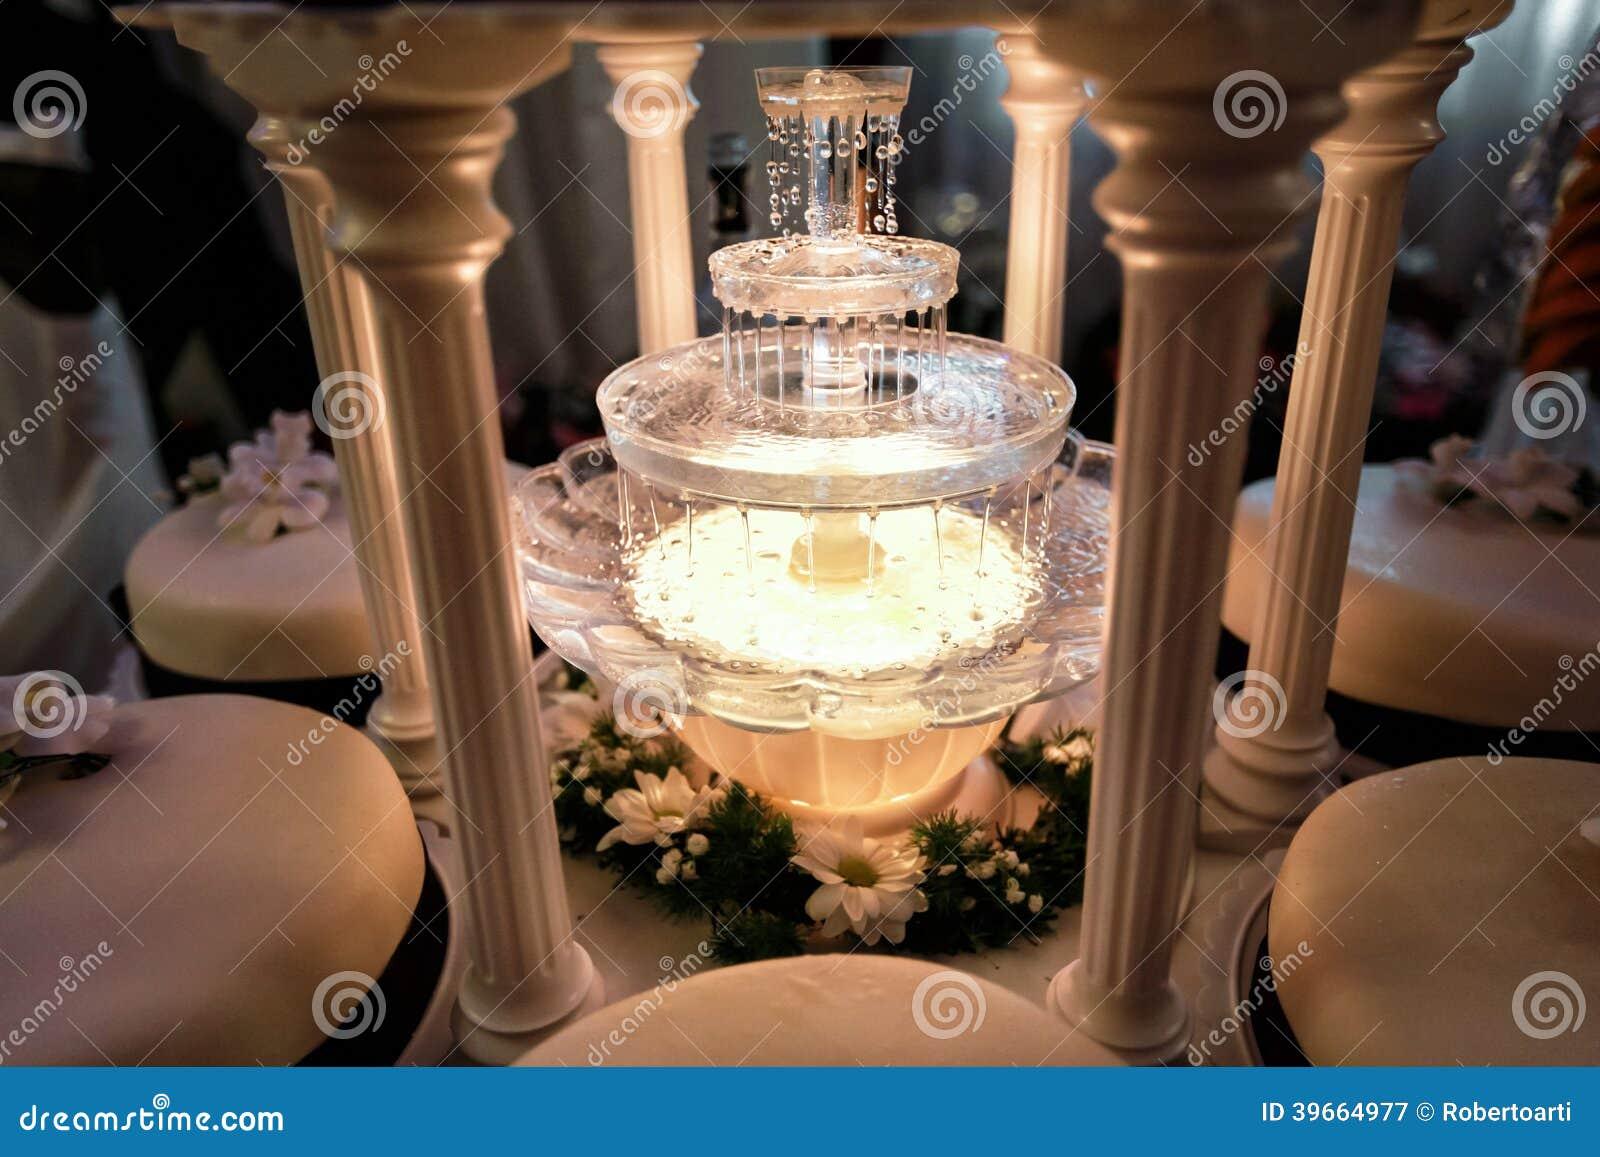 ajournez la dcoration de la fontaine de champagne en gteau de lumire et de mariage - Fontaine Gateau Mariage